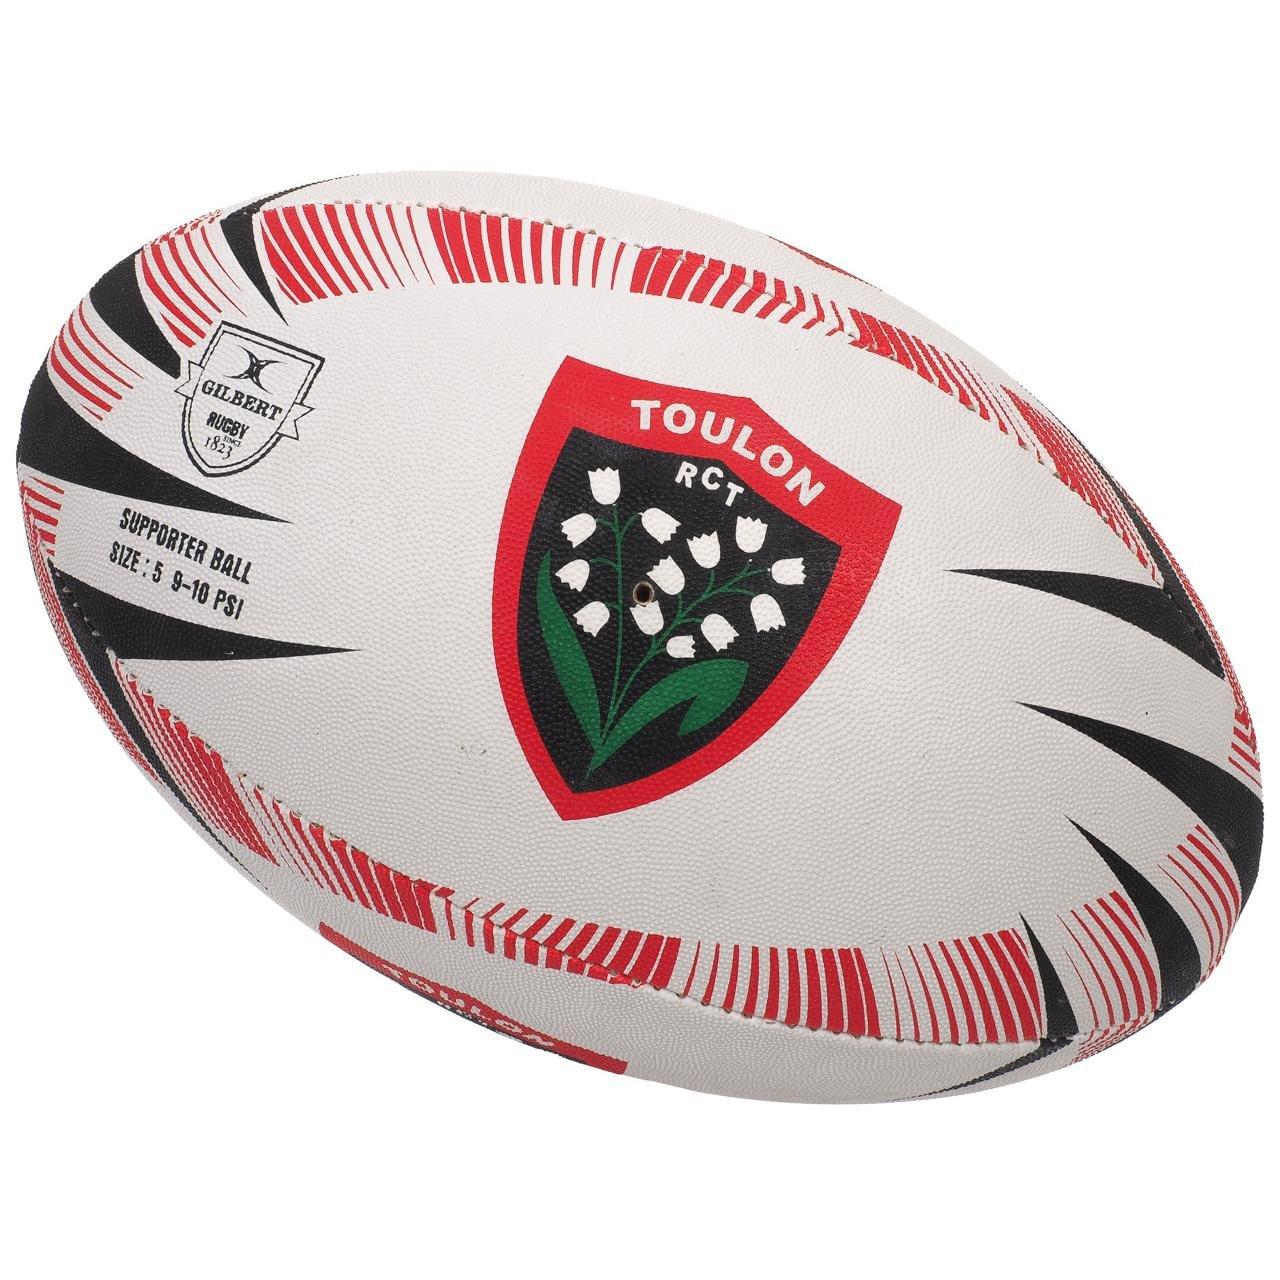 GILBERT Ballon de rugby SUPPORTER - Toulon - Taille 5: Amazon.es ...